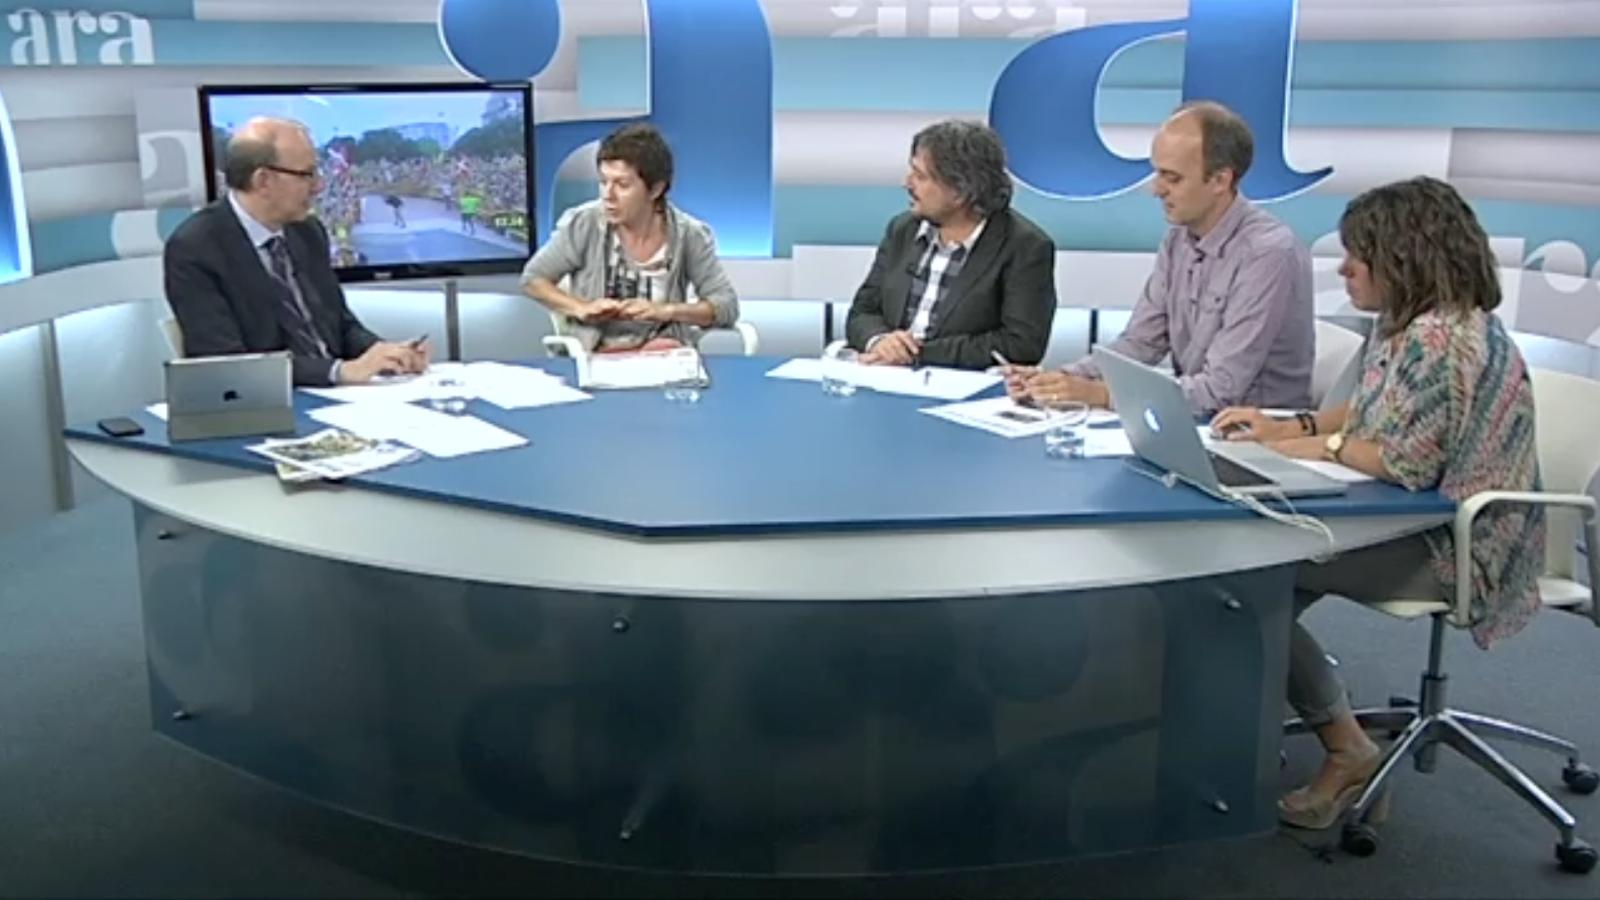 Especial Diada 2013 a l'Ara TV, amb Antoni Bassas (Part 2)